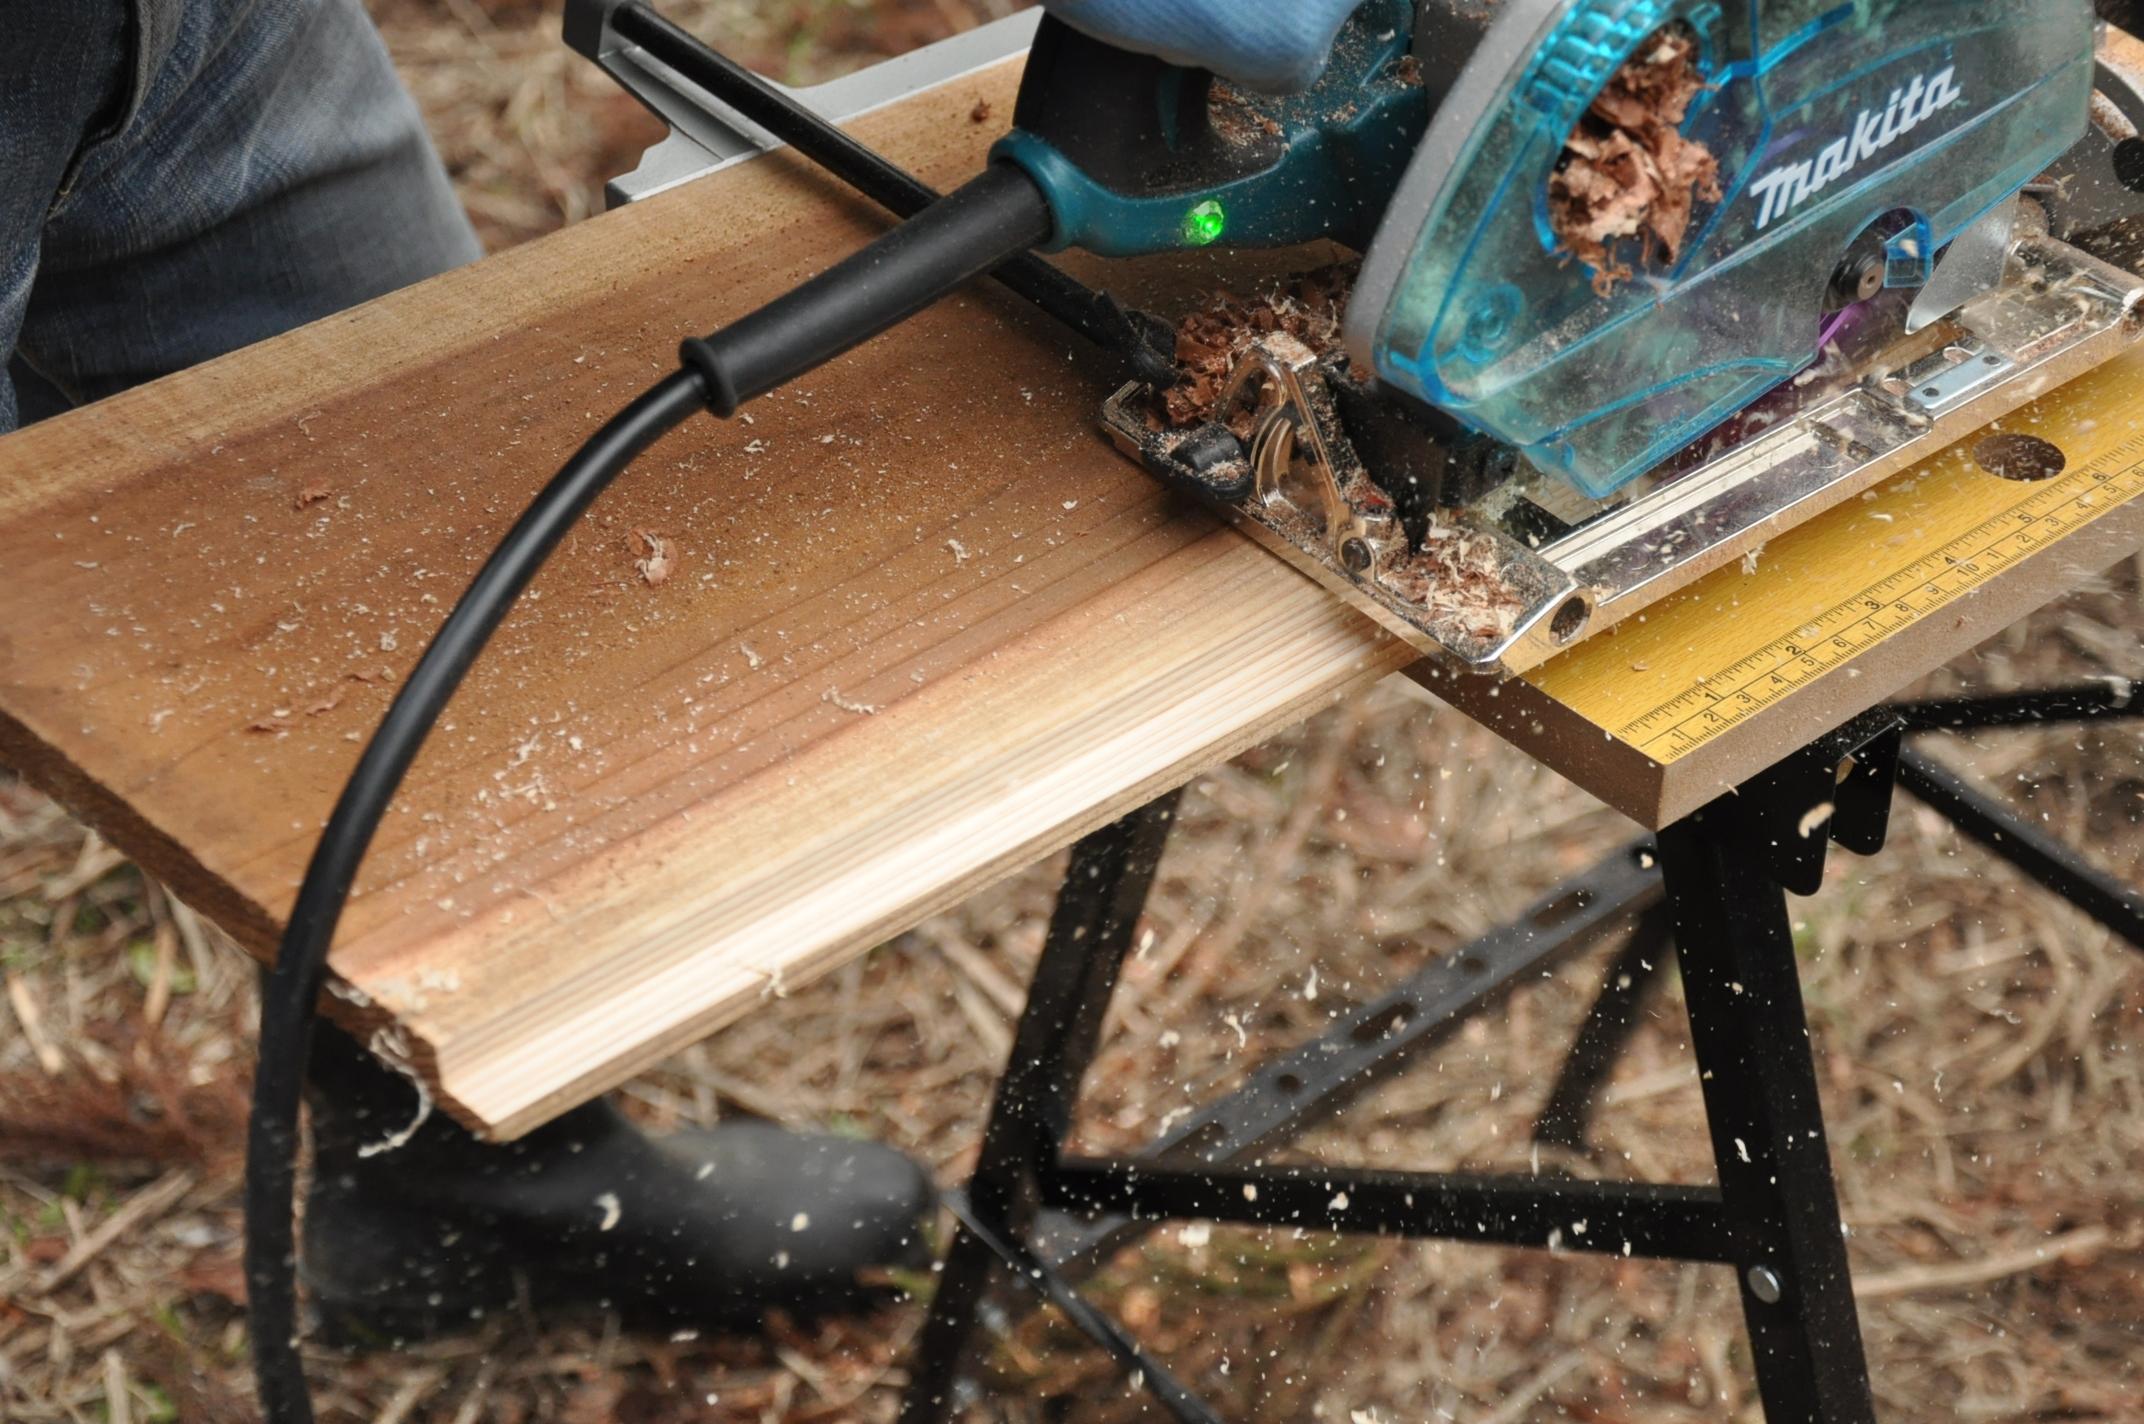 築200年の古民家、焼杉板を焼く!!|古民家再生DIY|溝きりカッター2